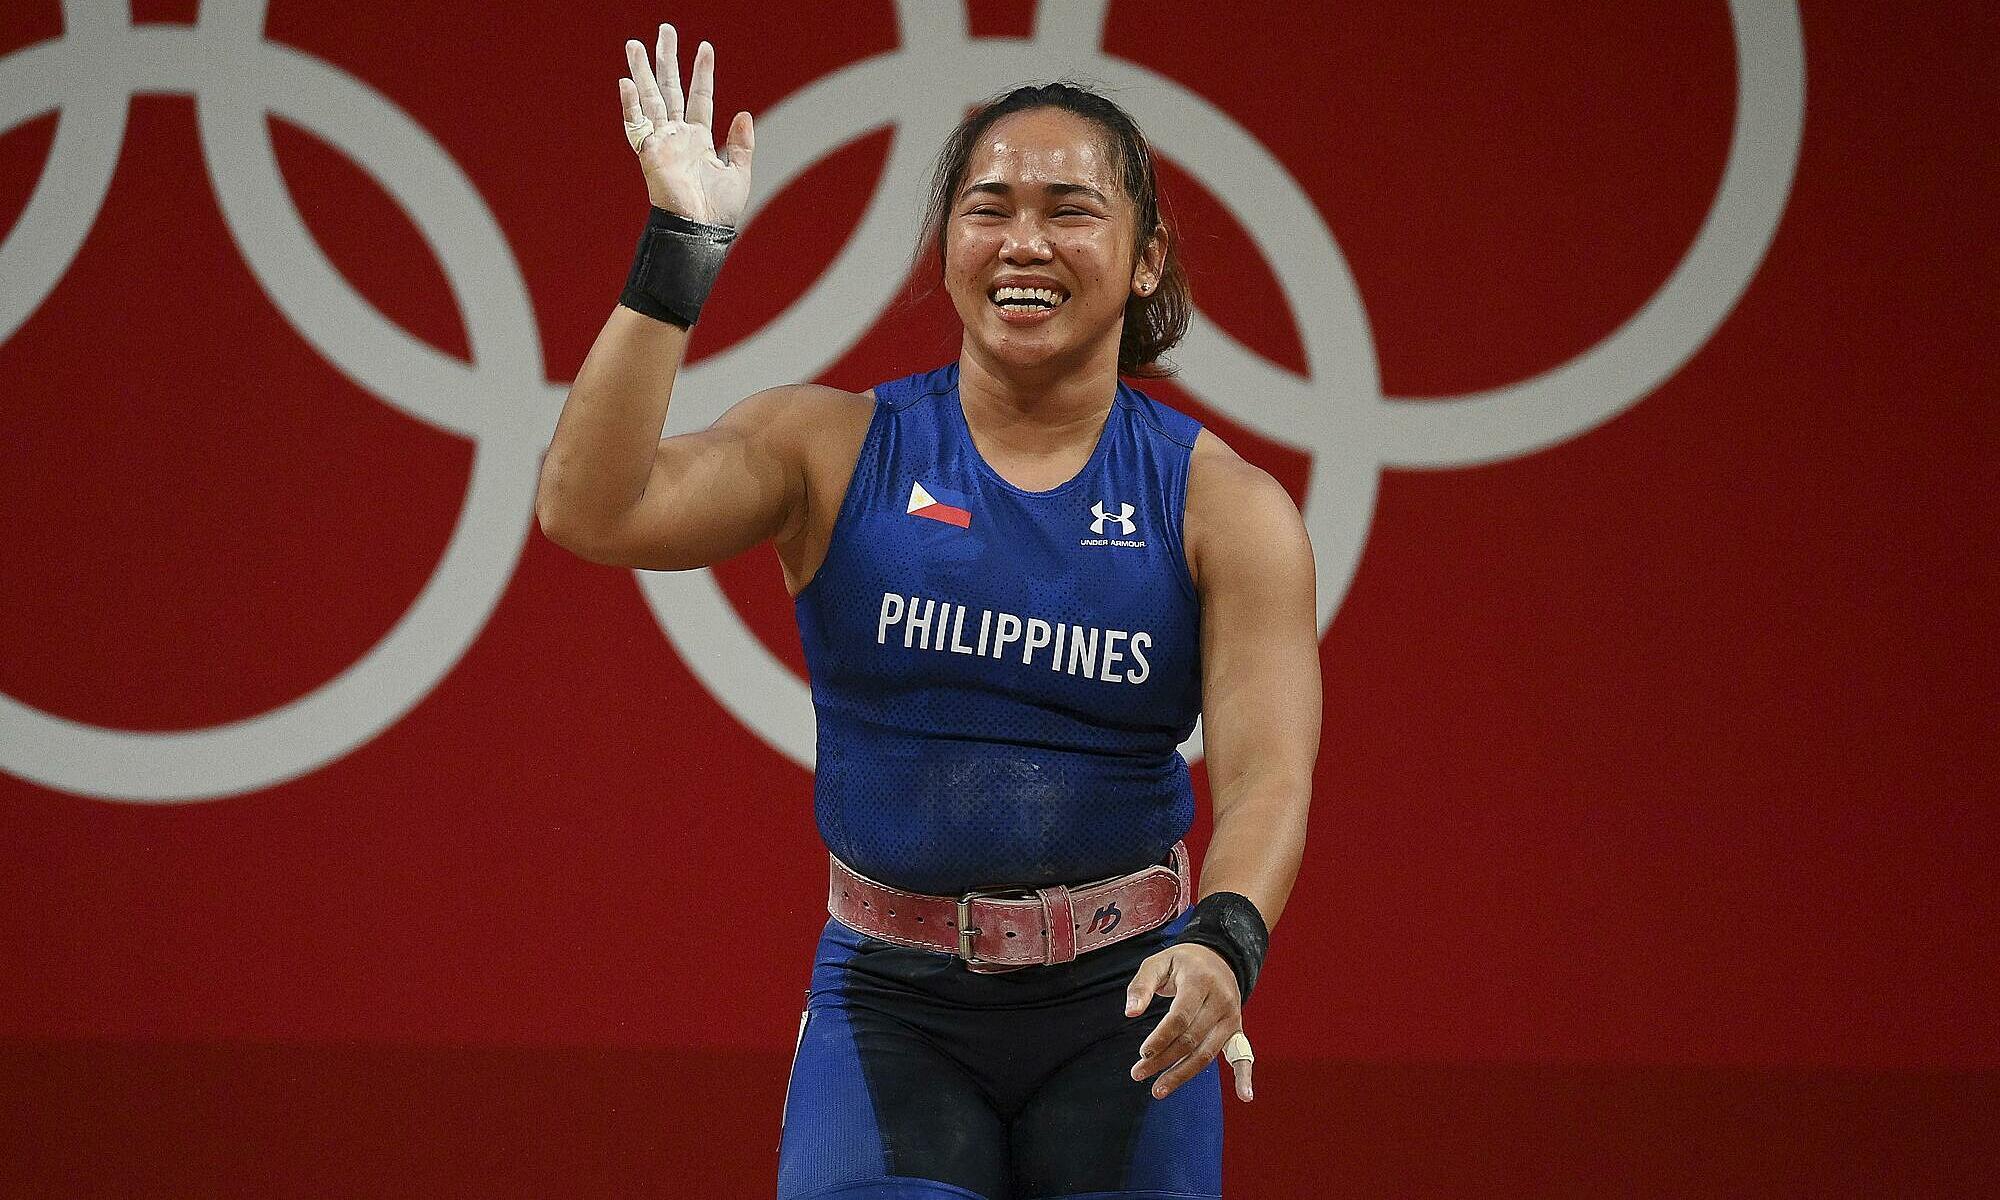 Nữ VĐV cử tạ Hidilyn Diaz vui mừng khi giành chiến thắng ở Olympic Tokyo 2020 vào ngày 26/7. Ảnh: AFP.